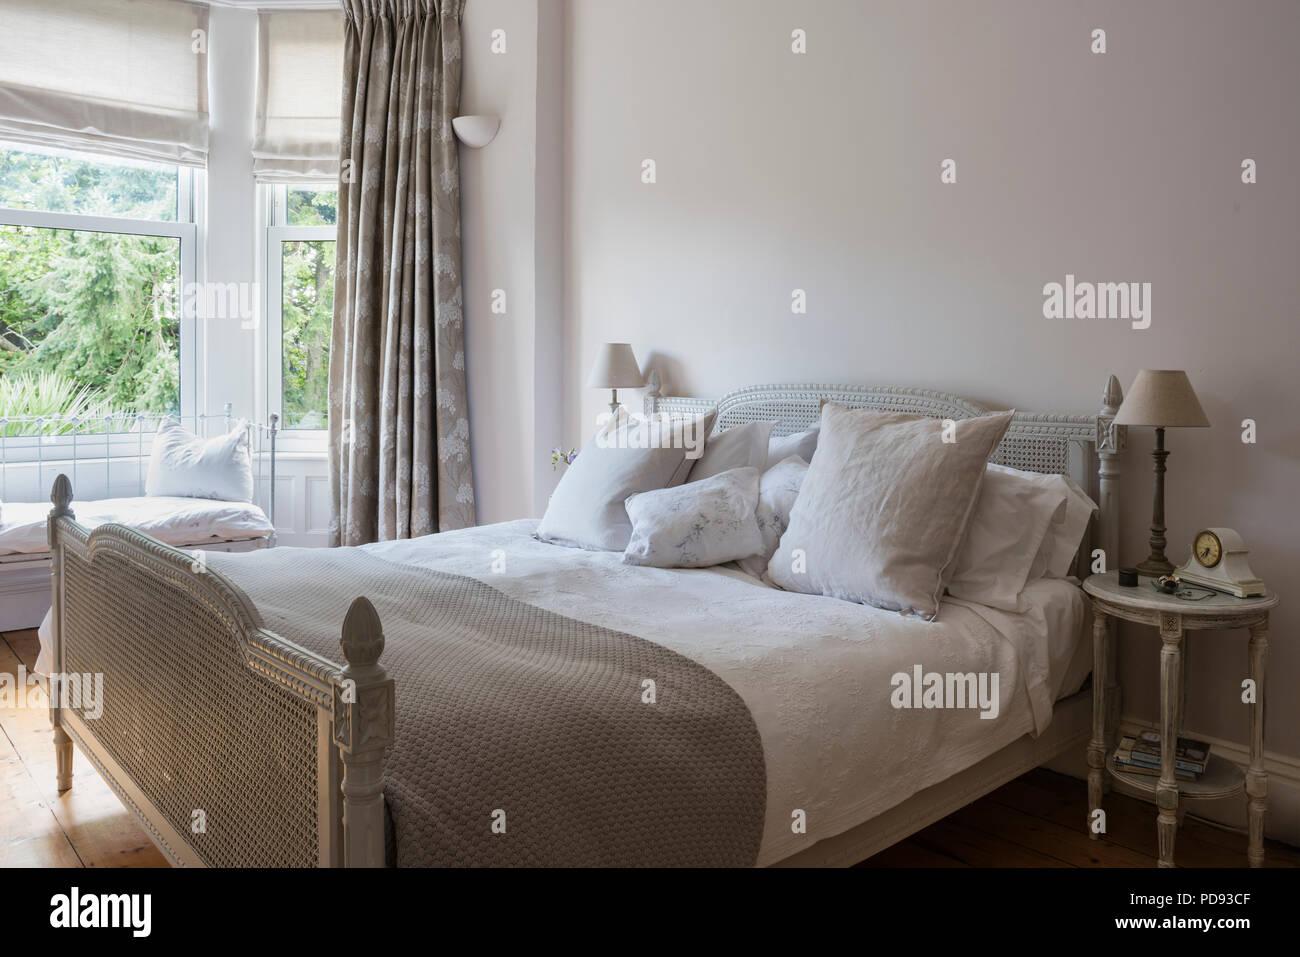 Antiken französischen rattan Bett im Schlafzimmer mit ...